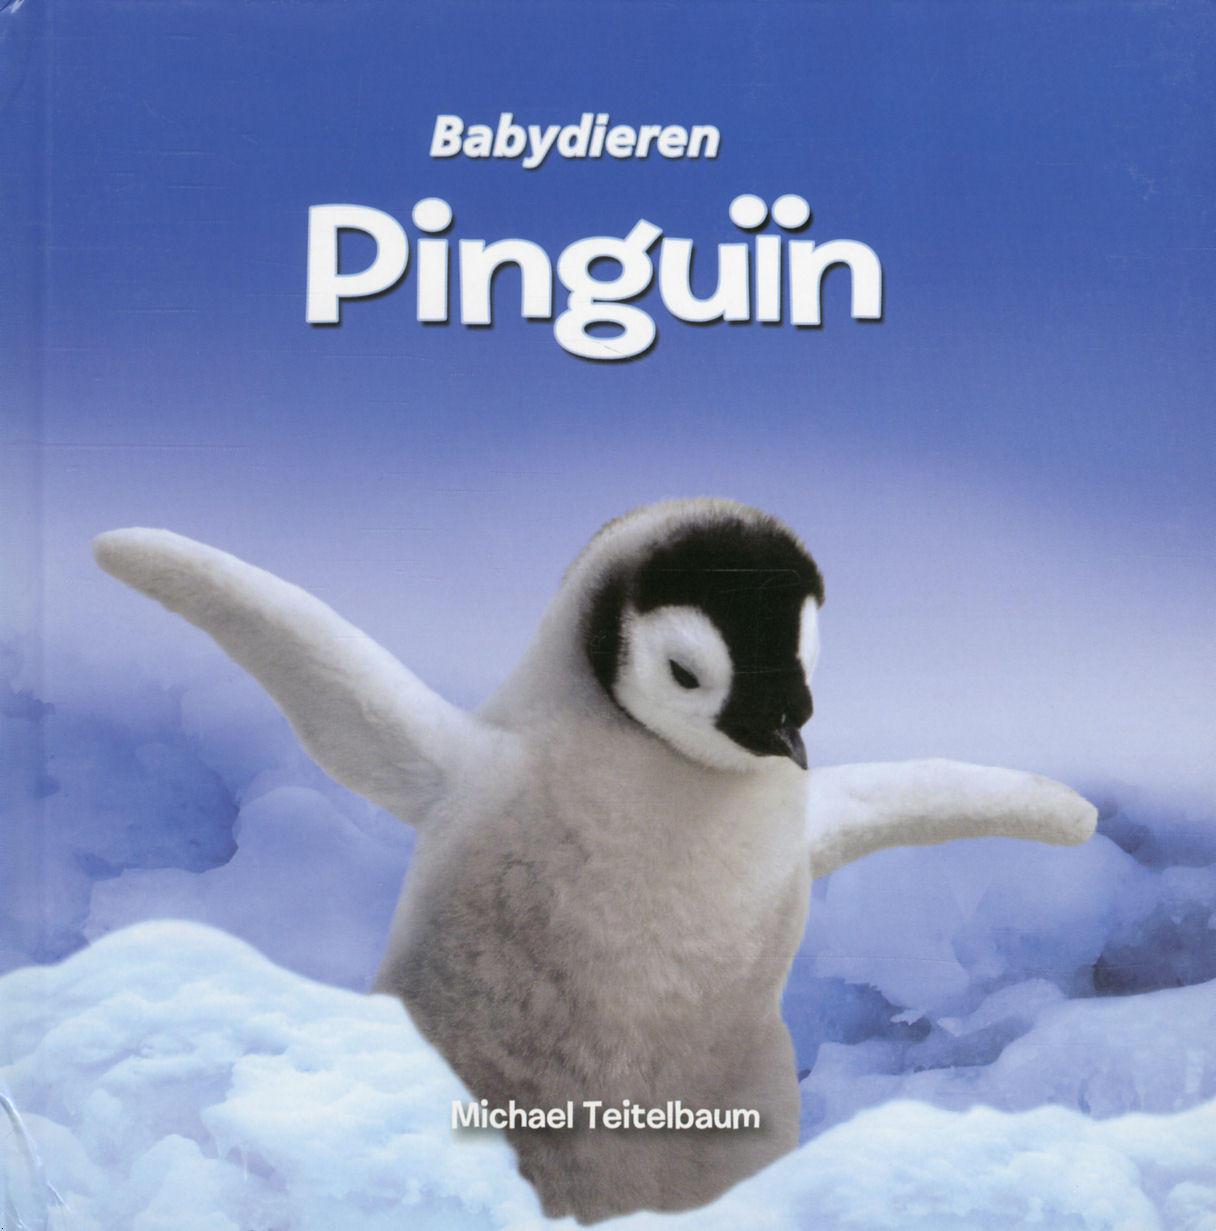 Babydieren pingu n trotsemoeders magazine voor moeders door moeders - Hoe het sieren ...